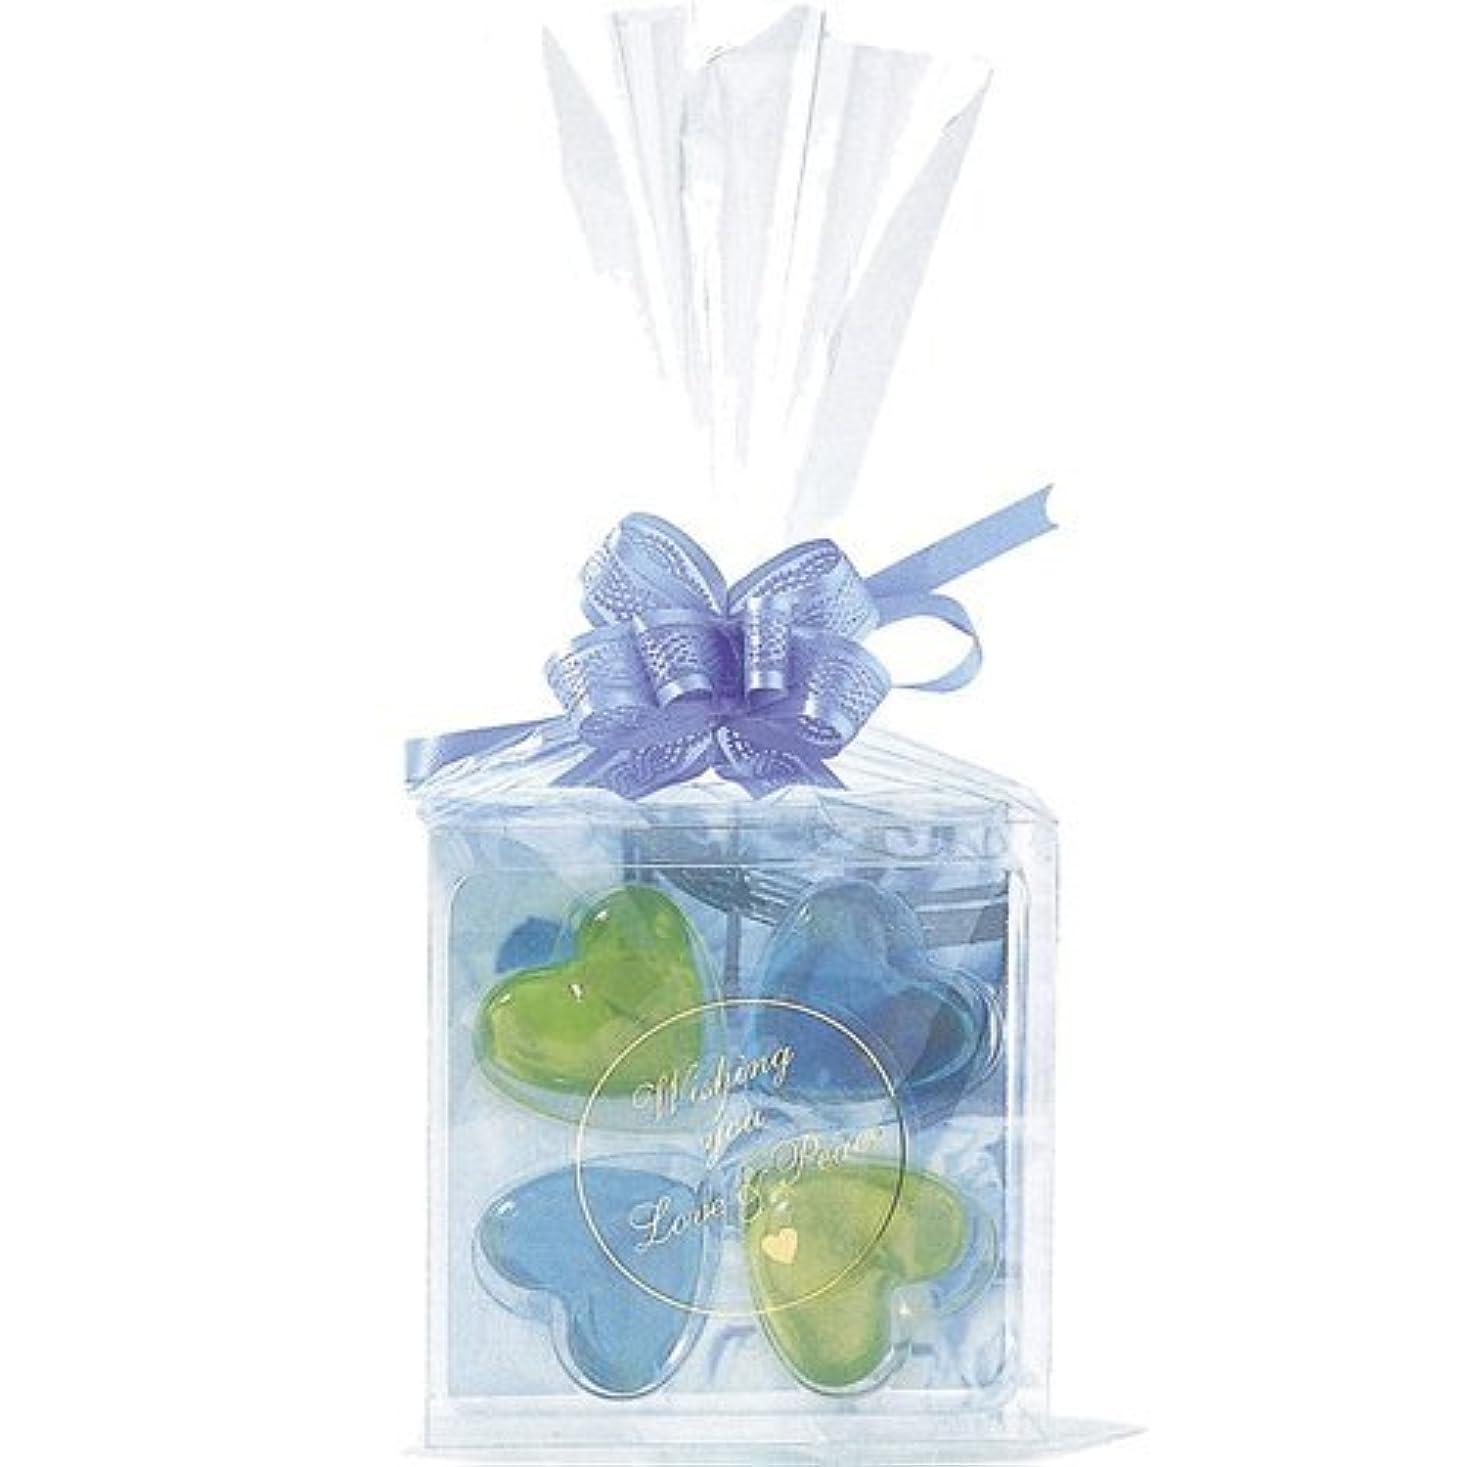 エネルギー精神的にバドミントンジーピークリエイツ フォーチューンクローバー ブルー 入浴料セット(グリーンアップル、ベリー)